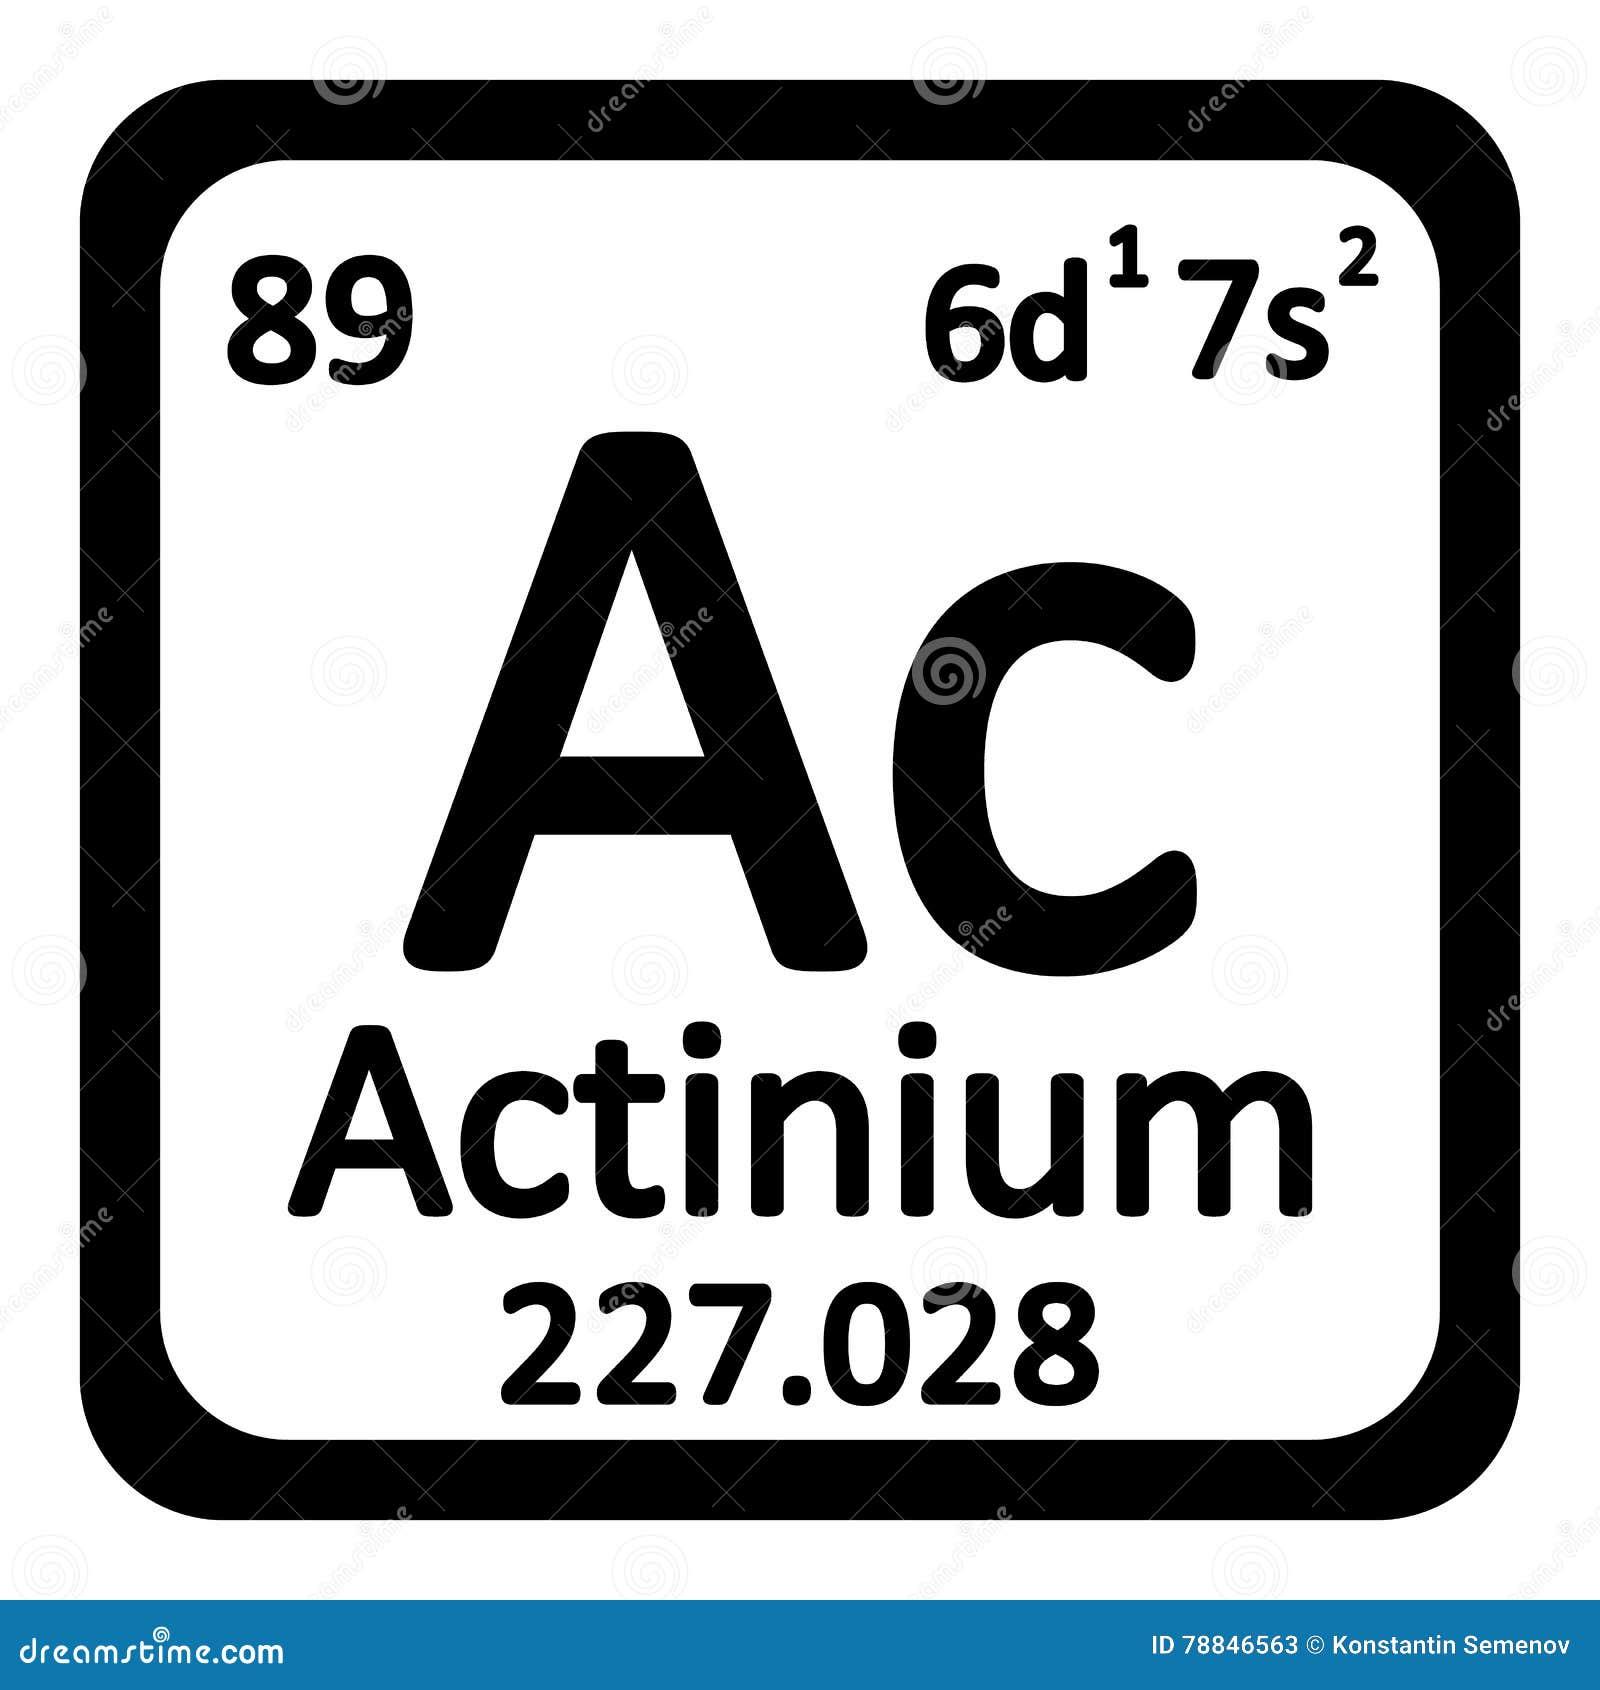 Periodic Table Element Actinium Icon Stock Illustration